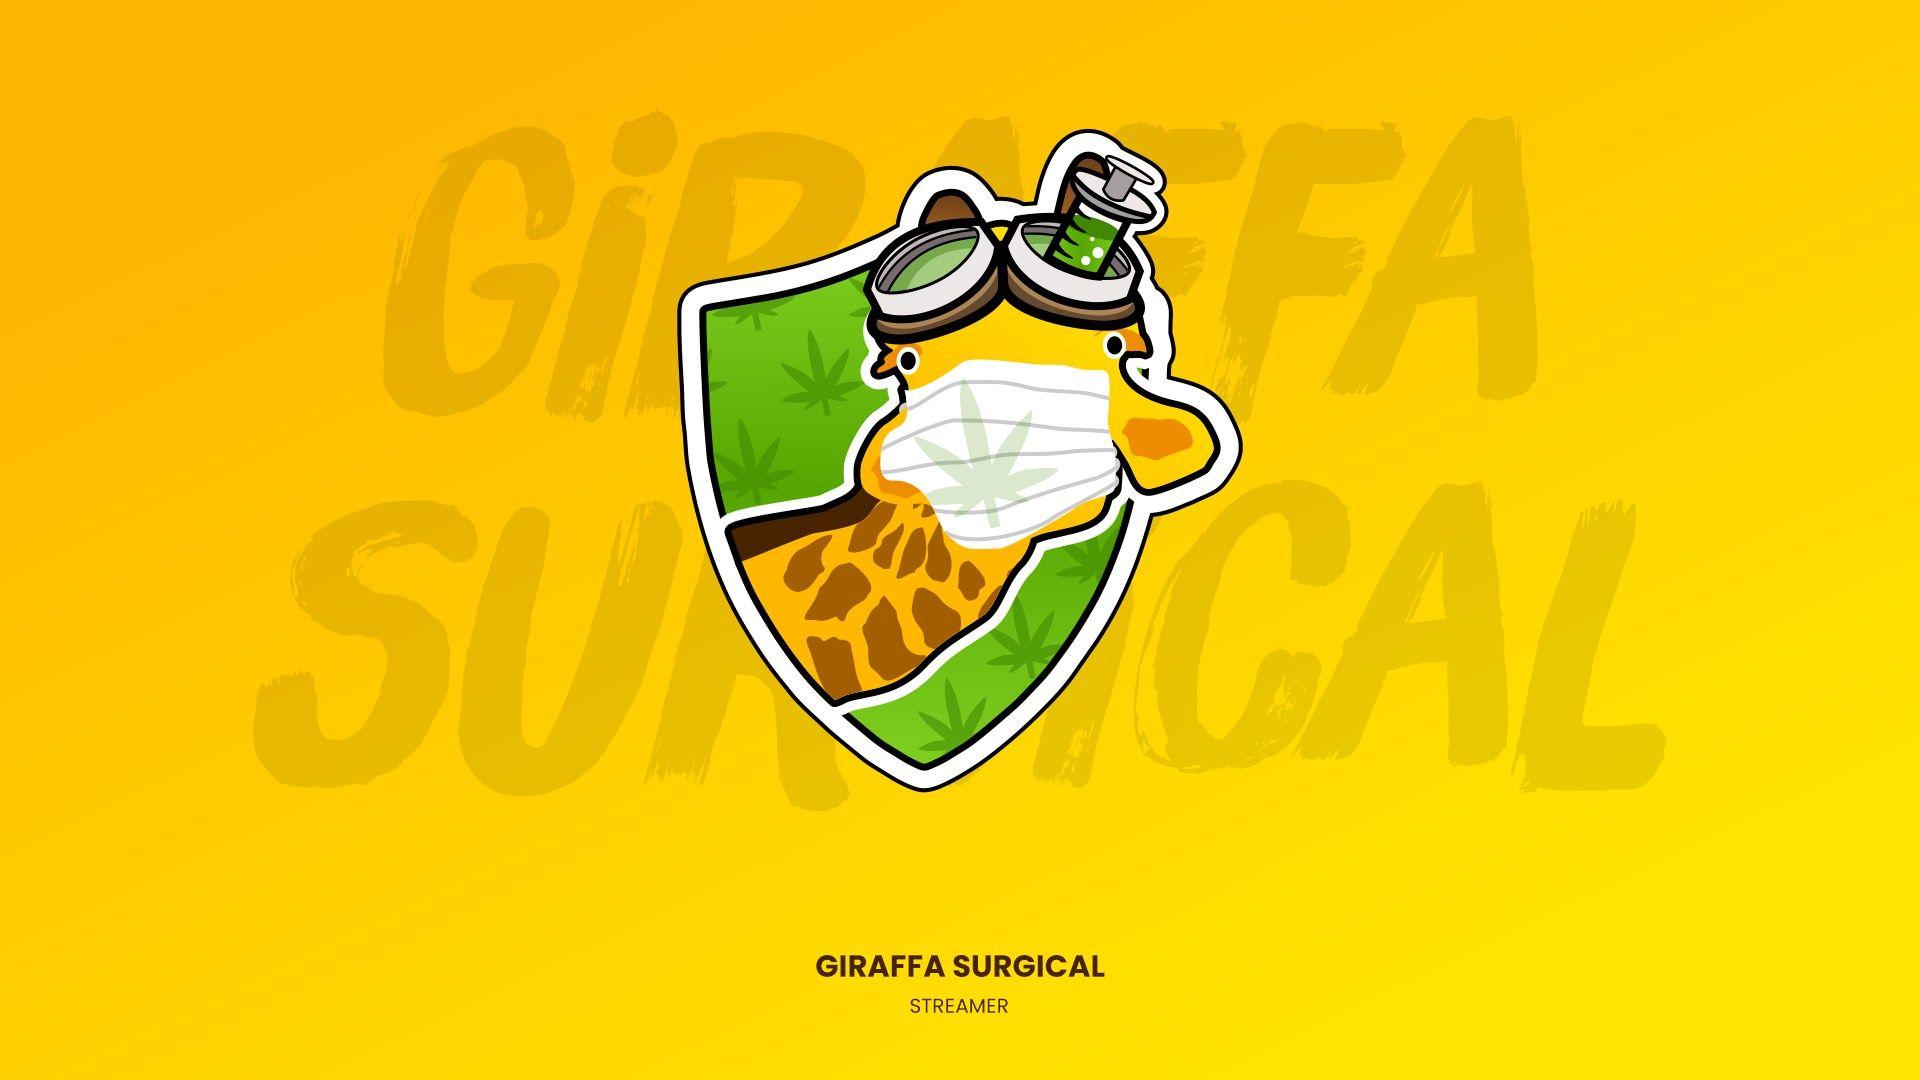 giraffa_surgical